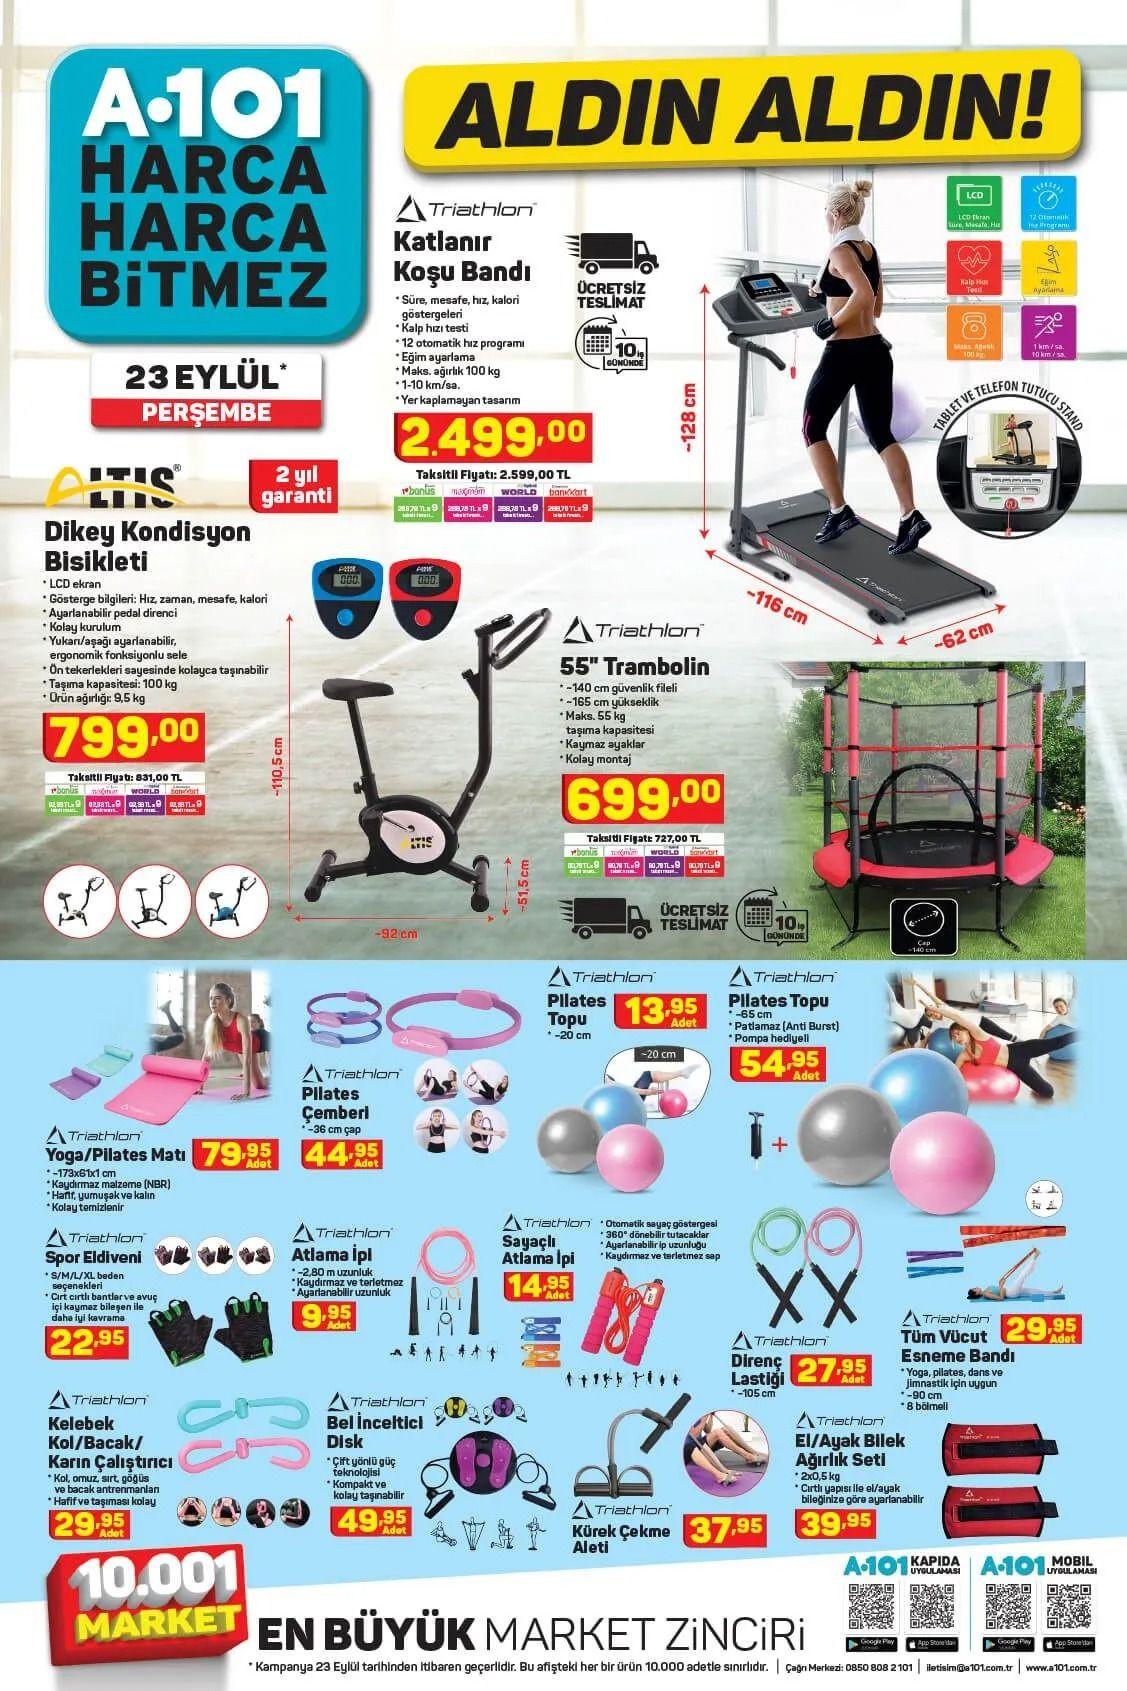 A101 23 Eylül 2021 aktüel ürünler kataloğu Perşembe fiyat listesi - Sayfa 4